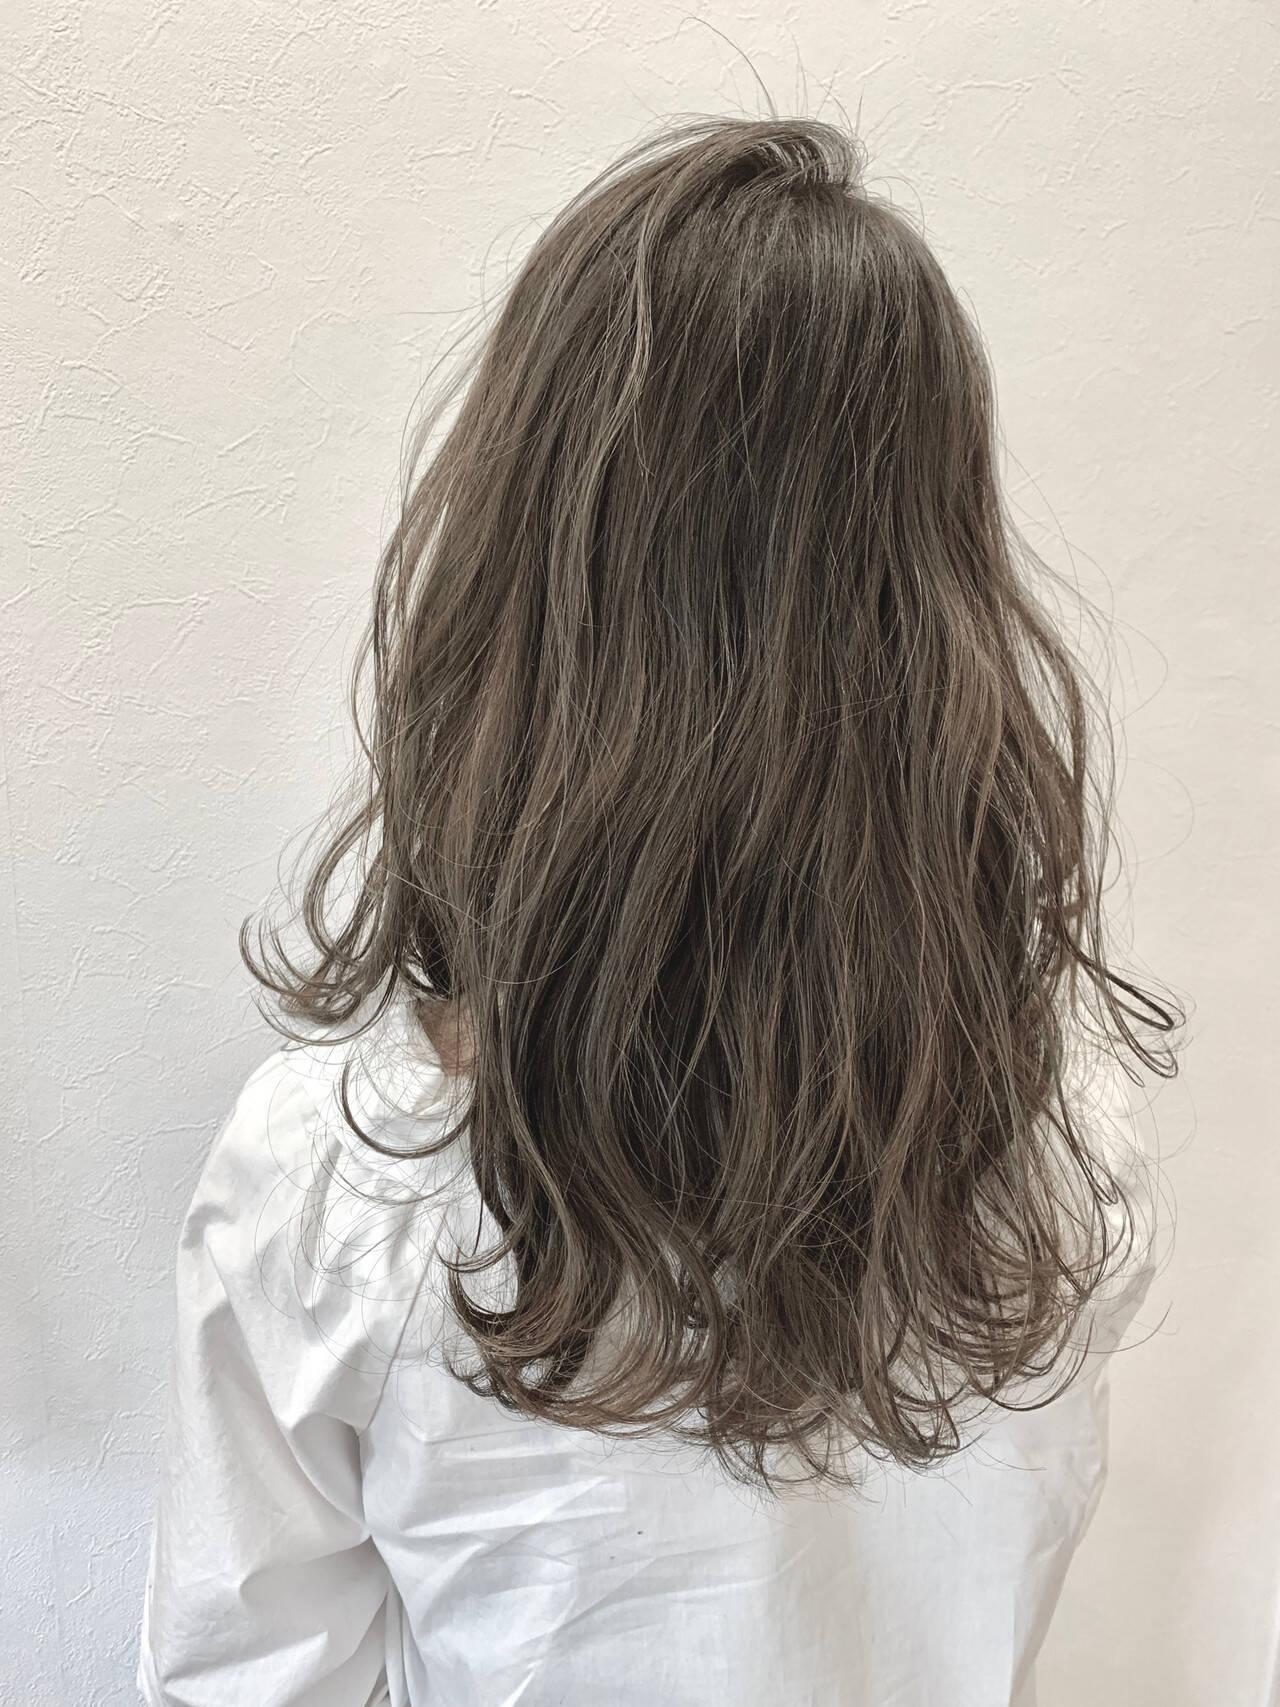 透明感カラー ロング 春スタイル グレージュヘアスタイルや髪型の写真・画像